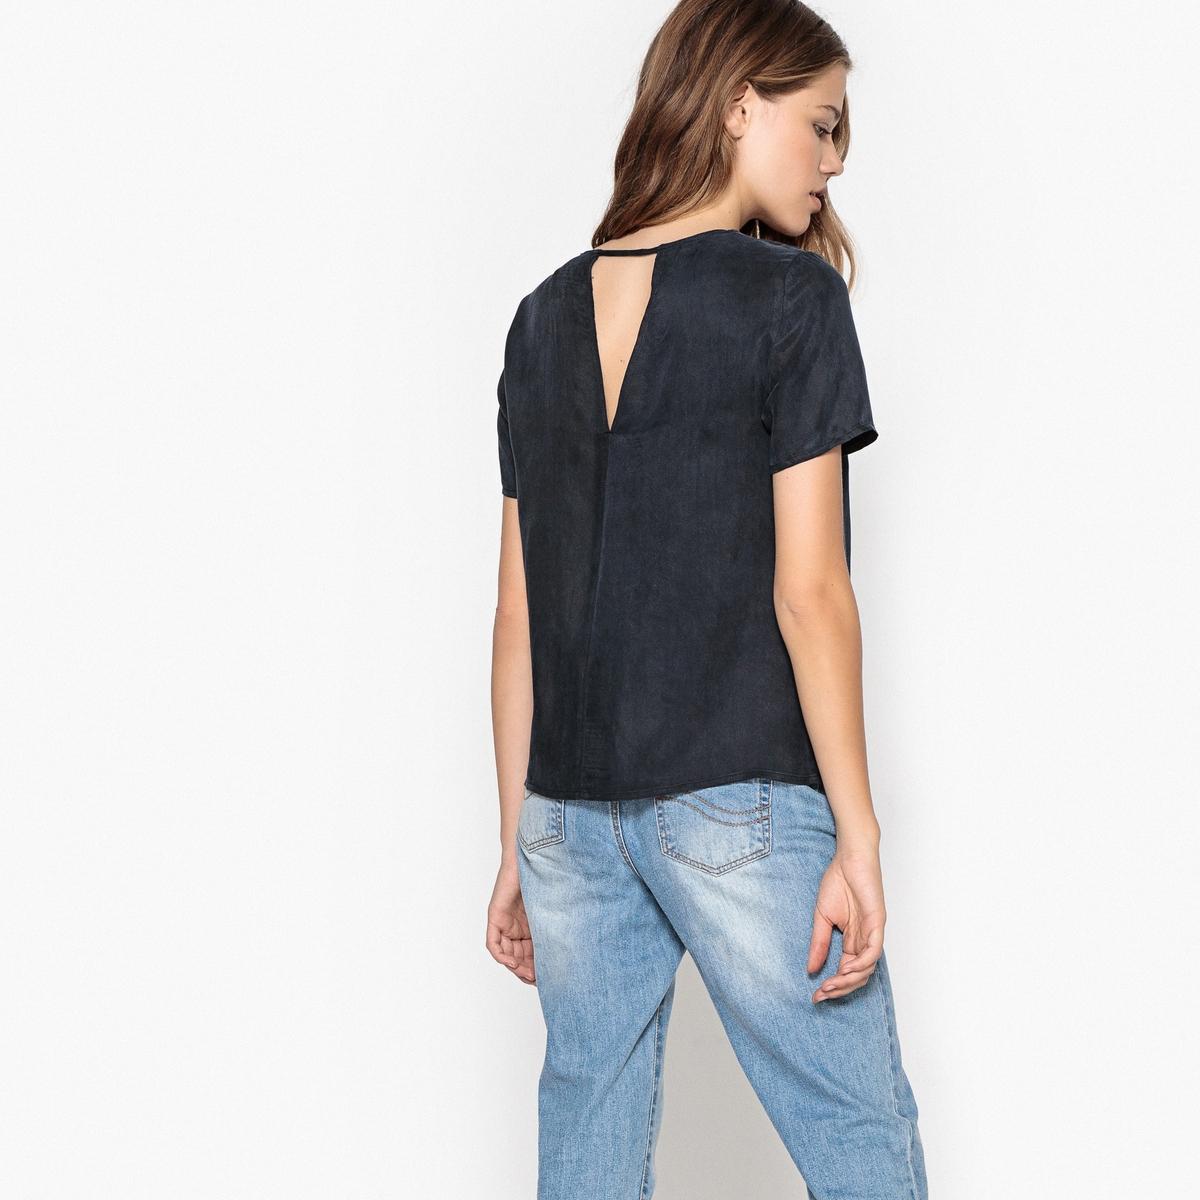 Блузка однотонная с круглым вырезом и короткими рукавами блузка однотонная с короткими рукавами